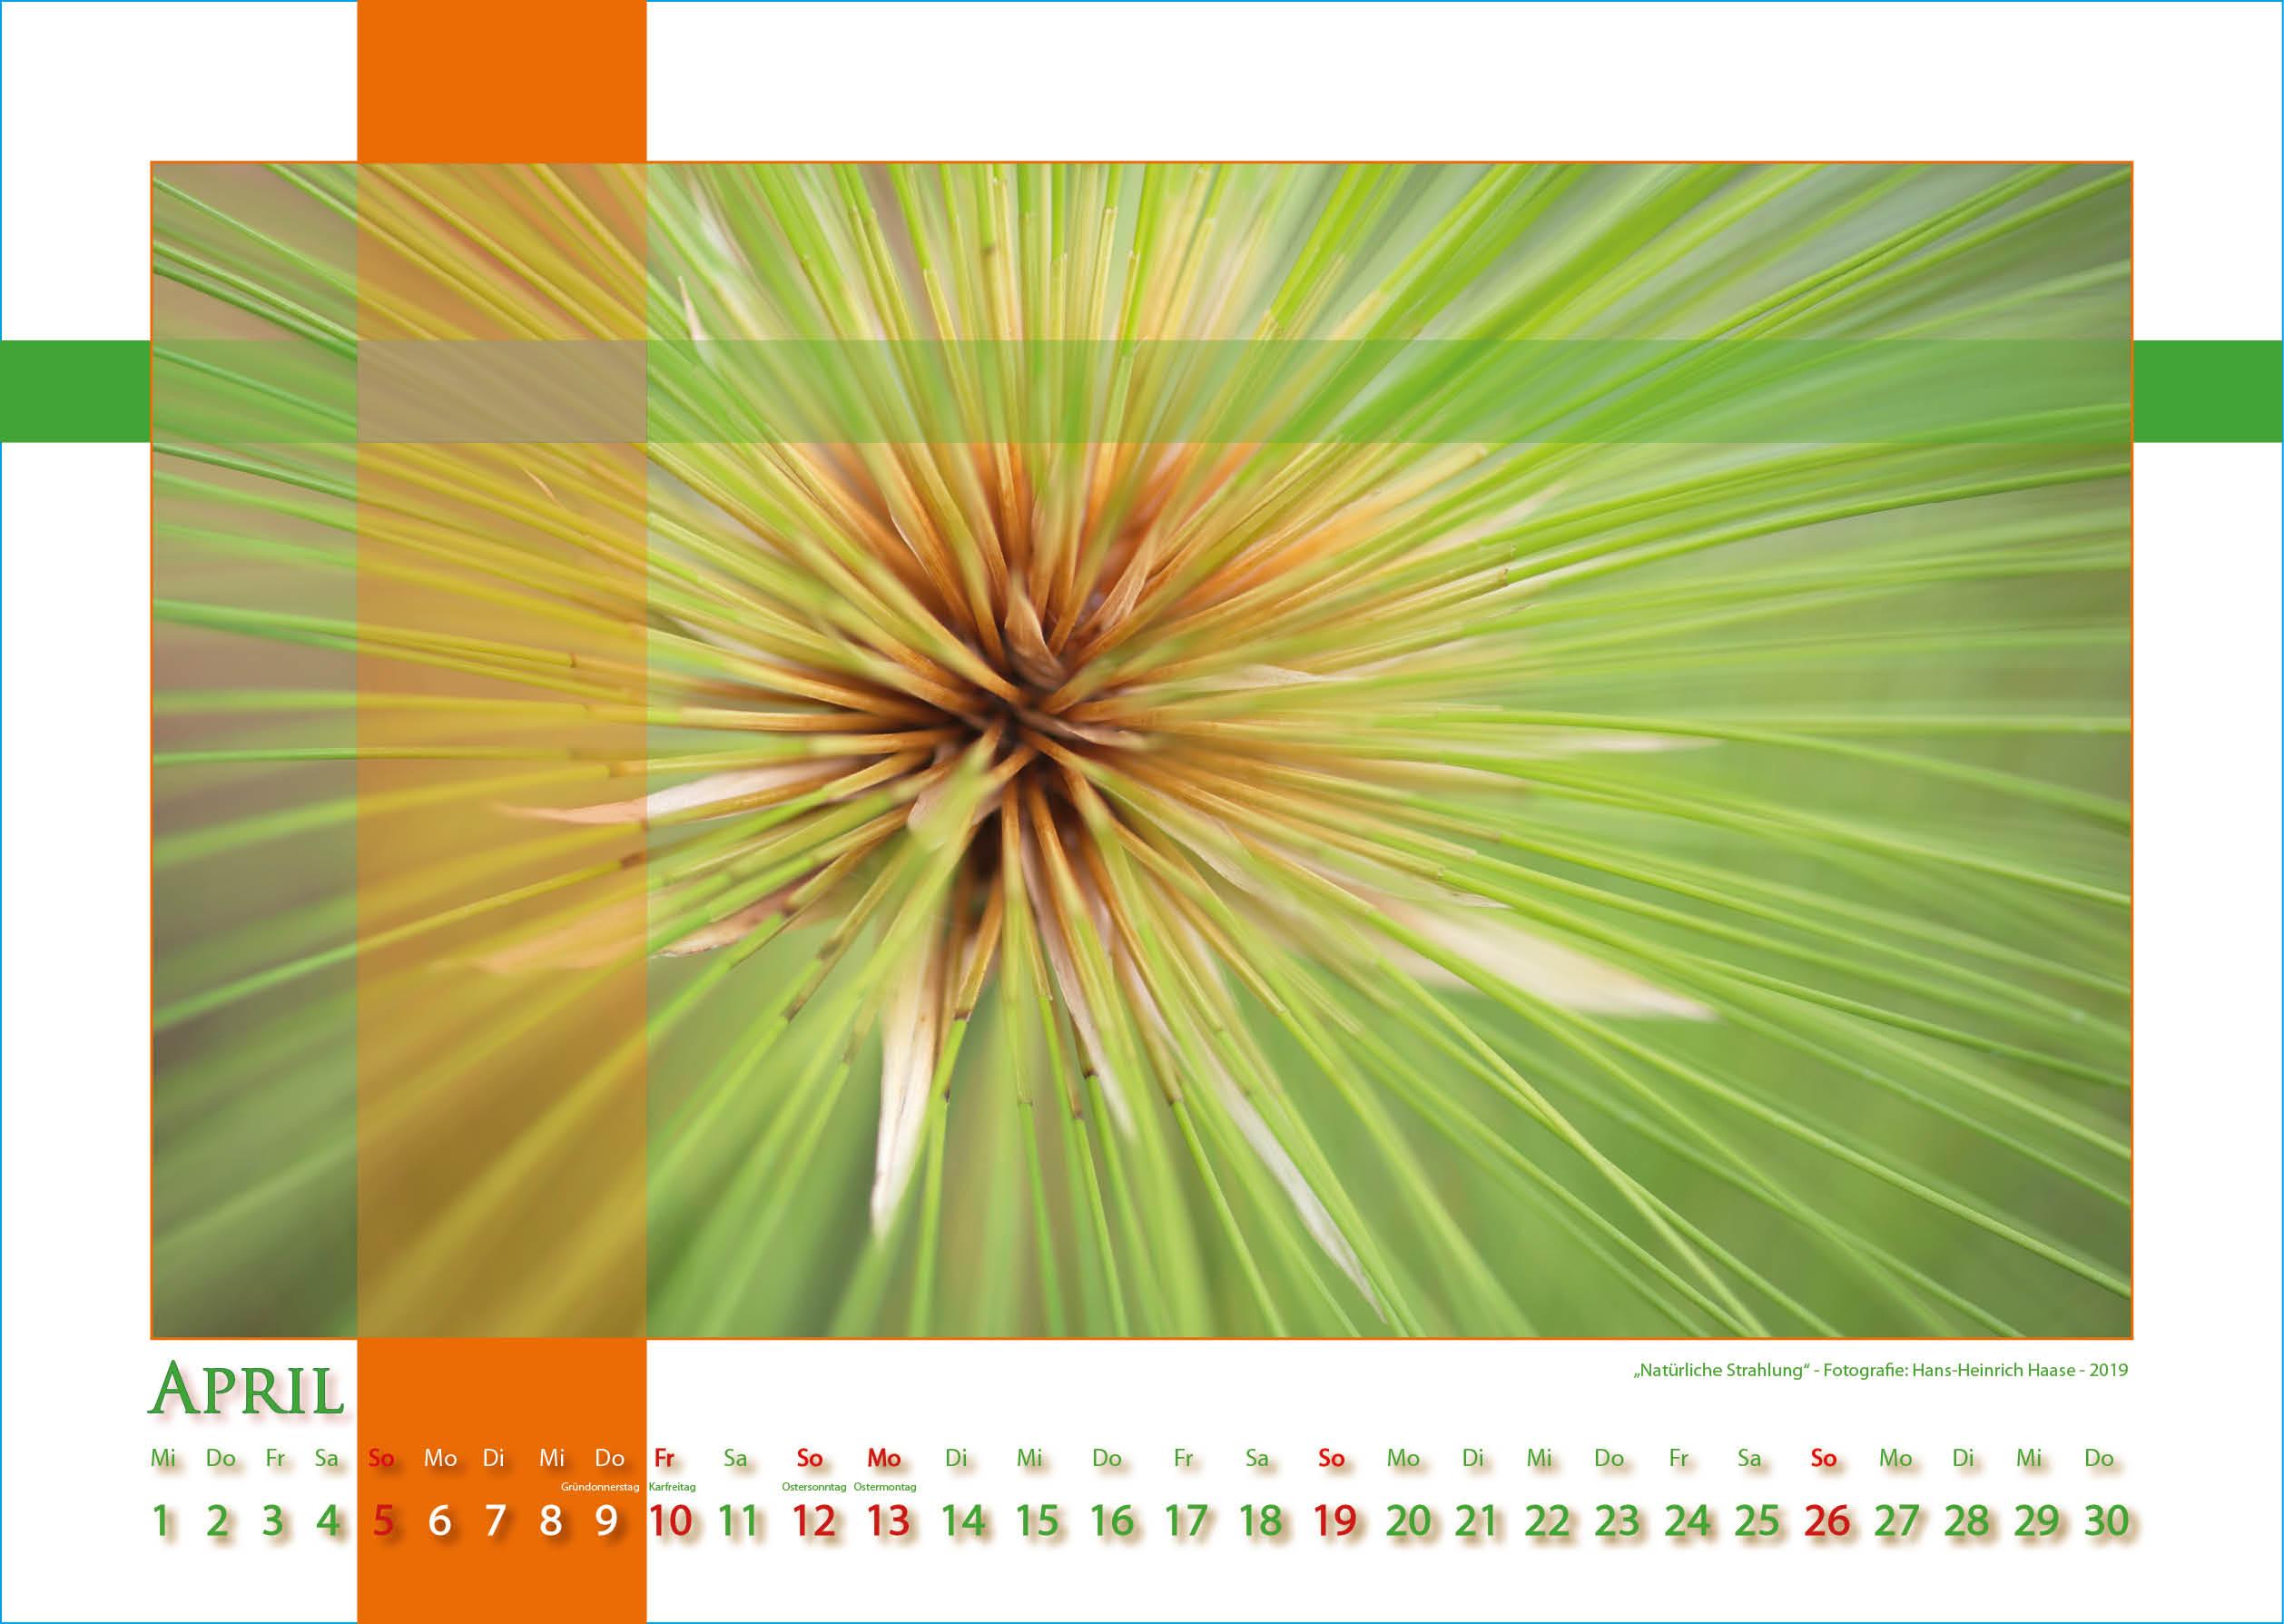 Natürliche Strahlung - Strukturen - Kalender 2020 © Katharina Hansen-Gluschitz